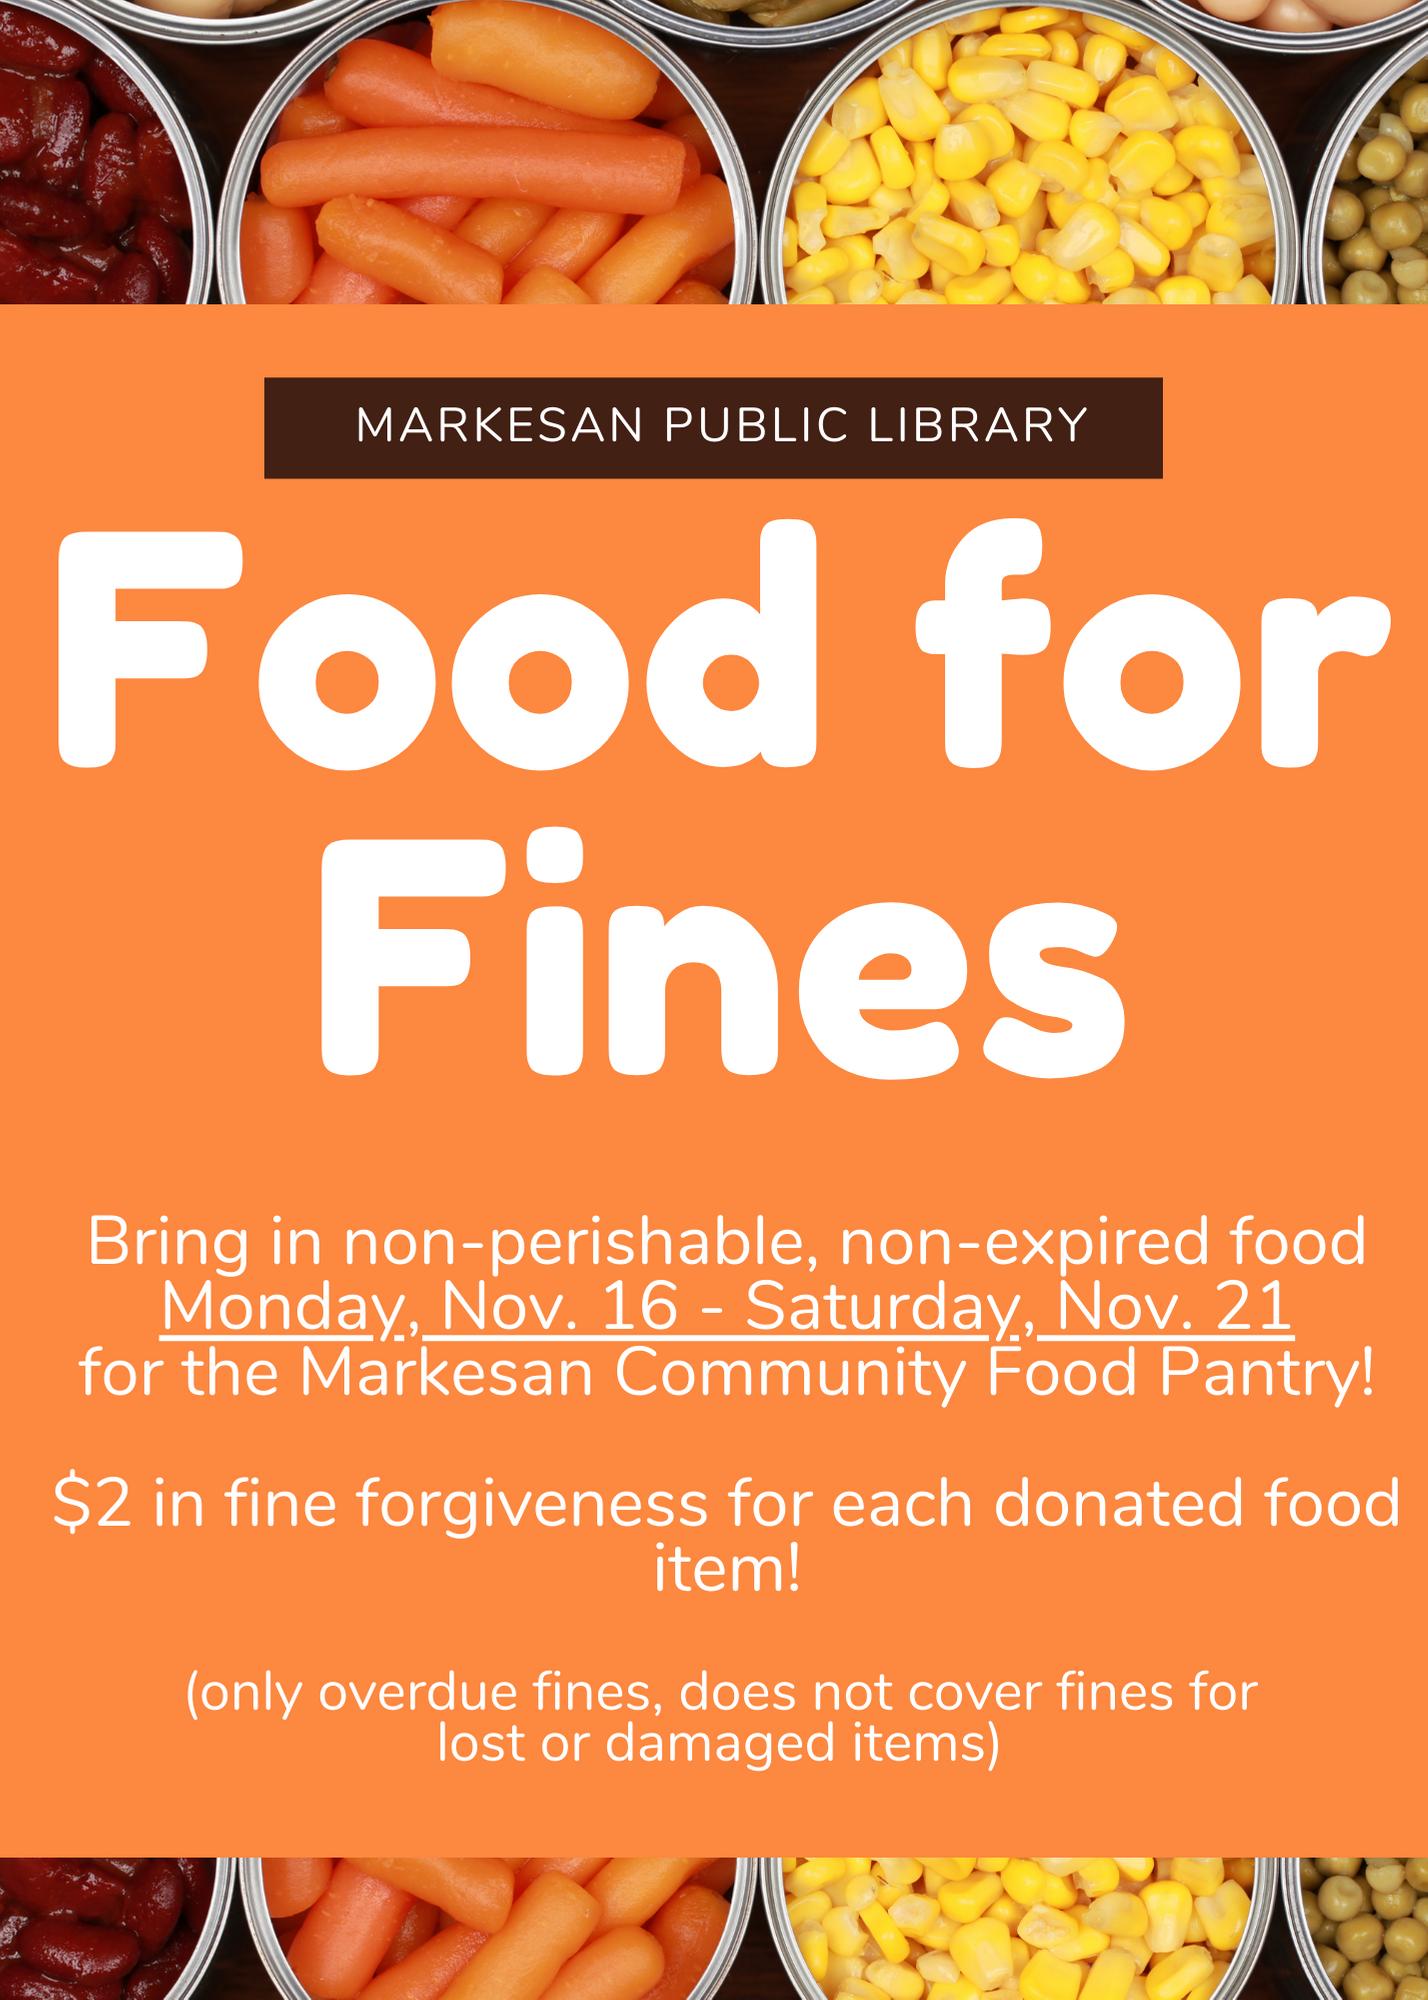 Food for Fines Monday, Nov. 16- Saturday, Nov. 21